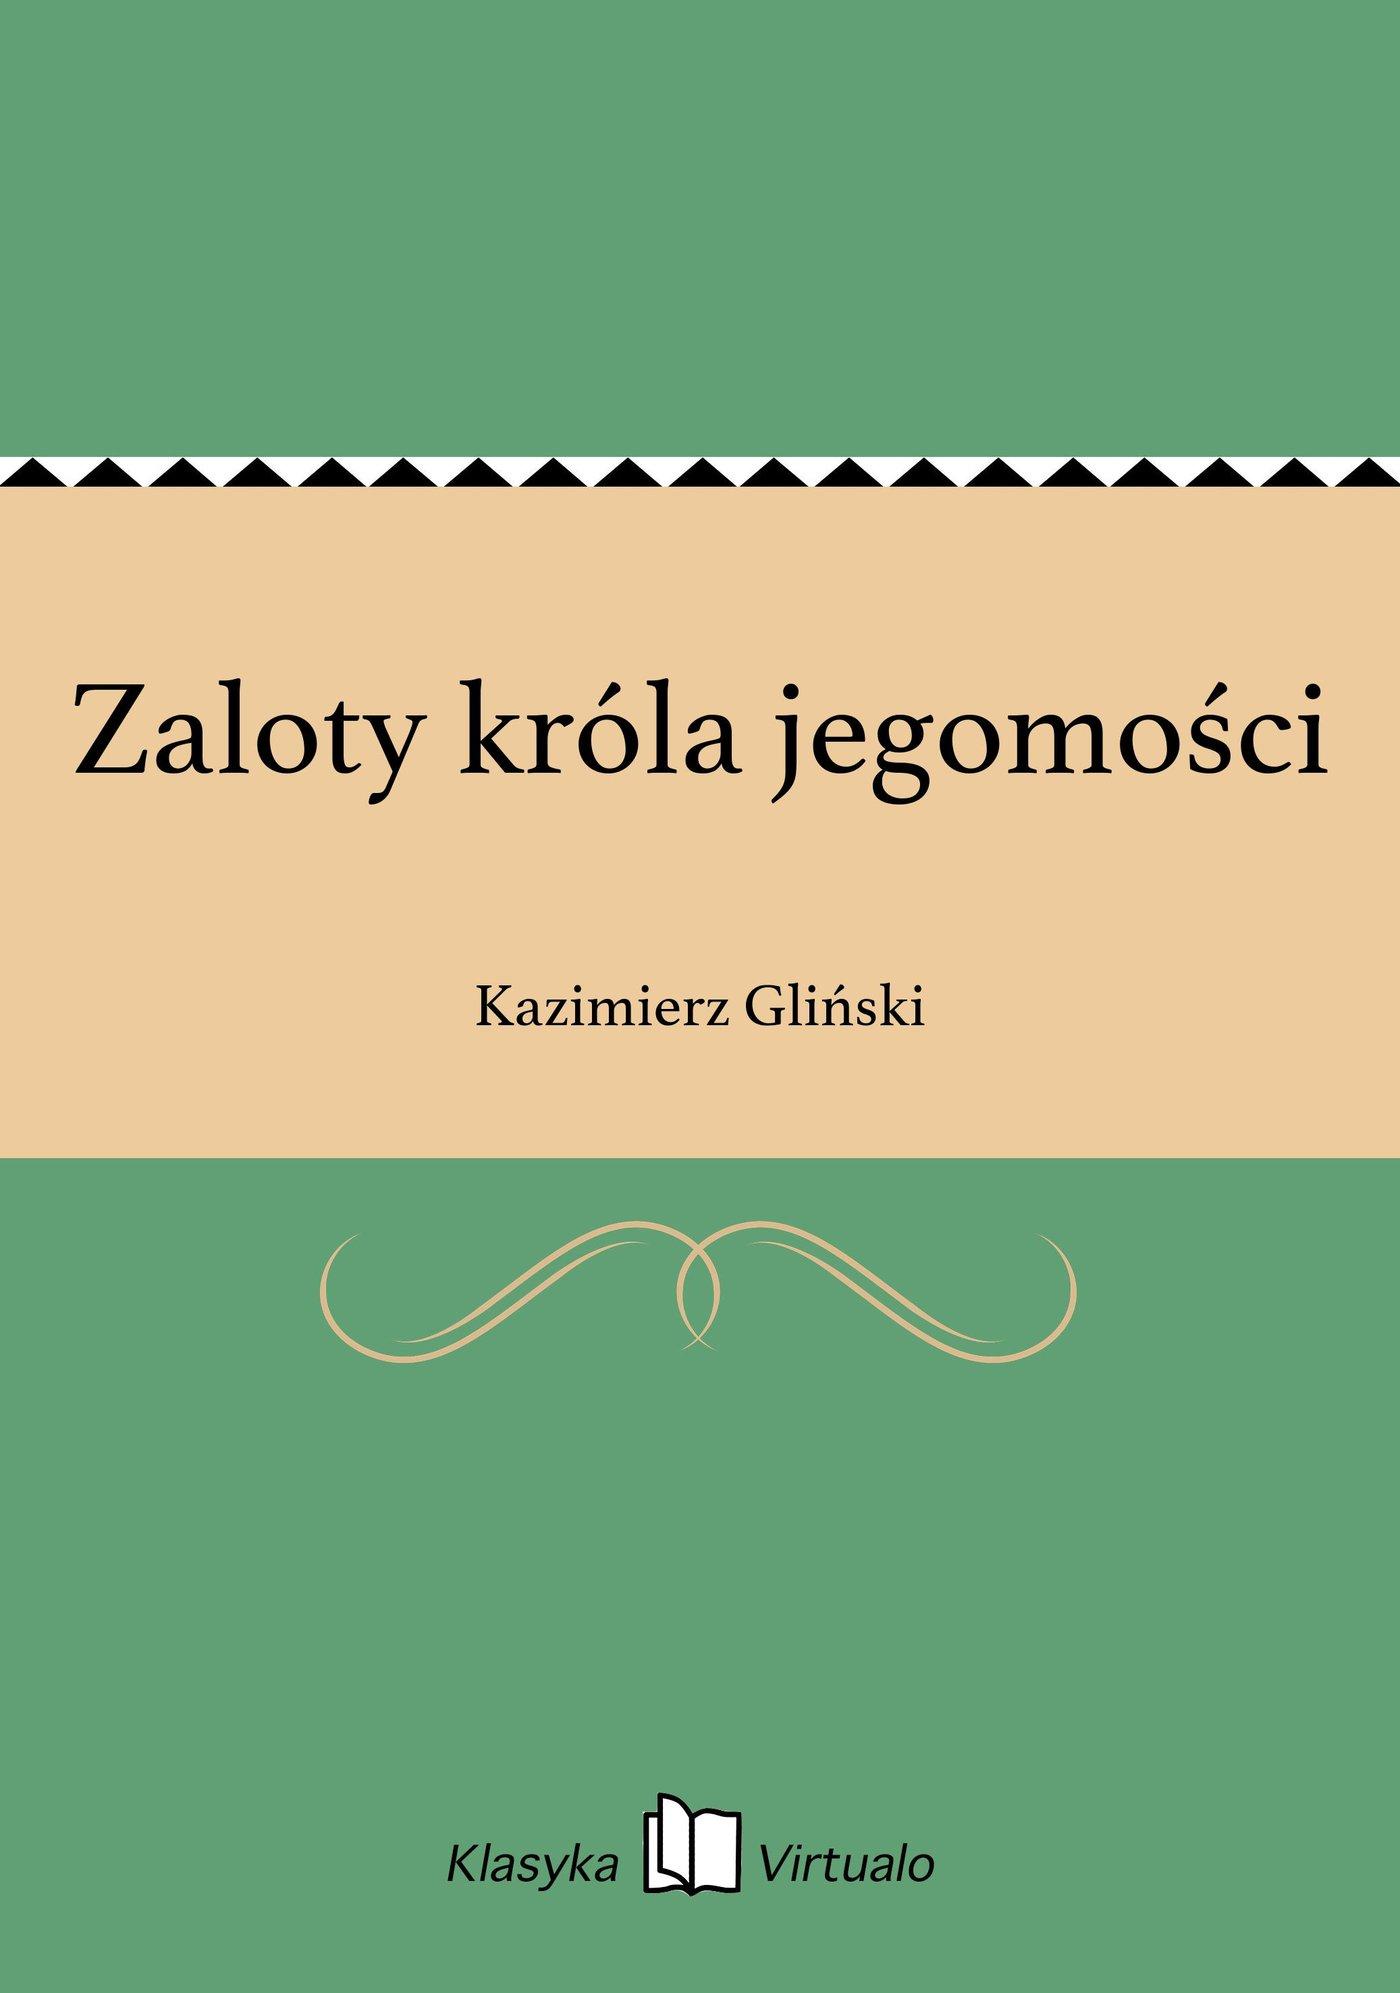 Zaloty króla jegomości - Ebook (Książka na Kindle) do pobrania w formacie MOBI